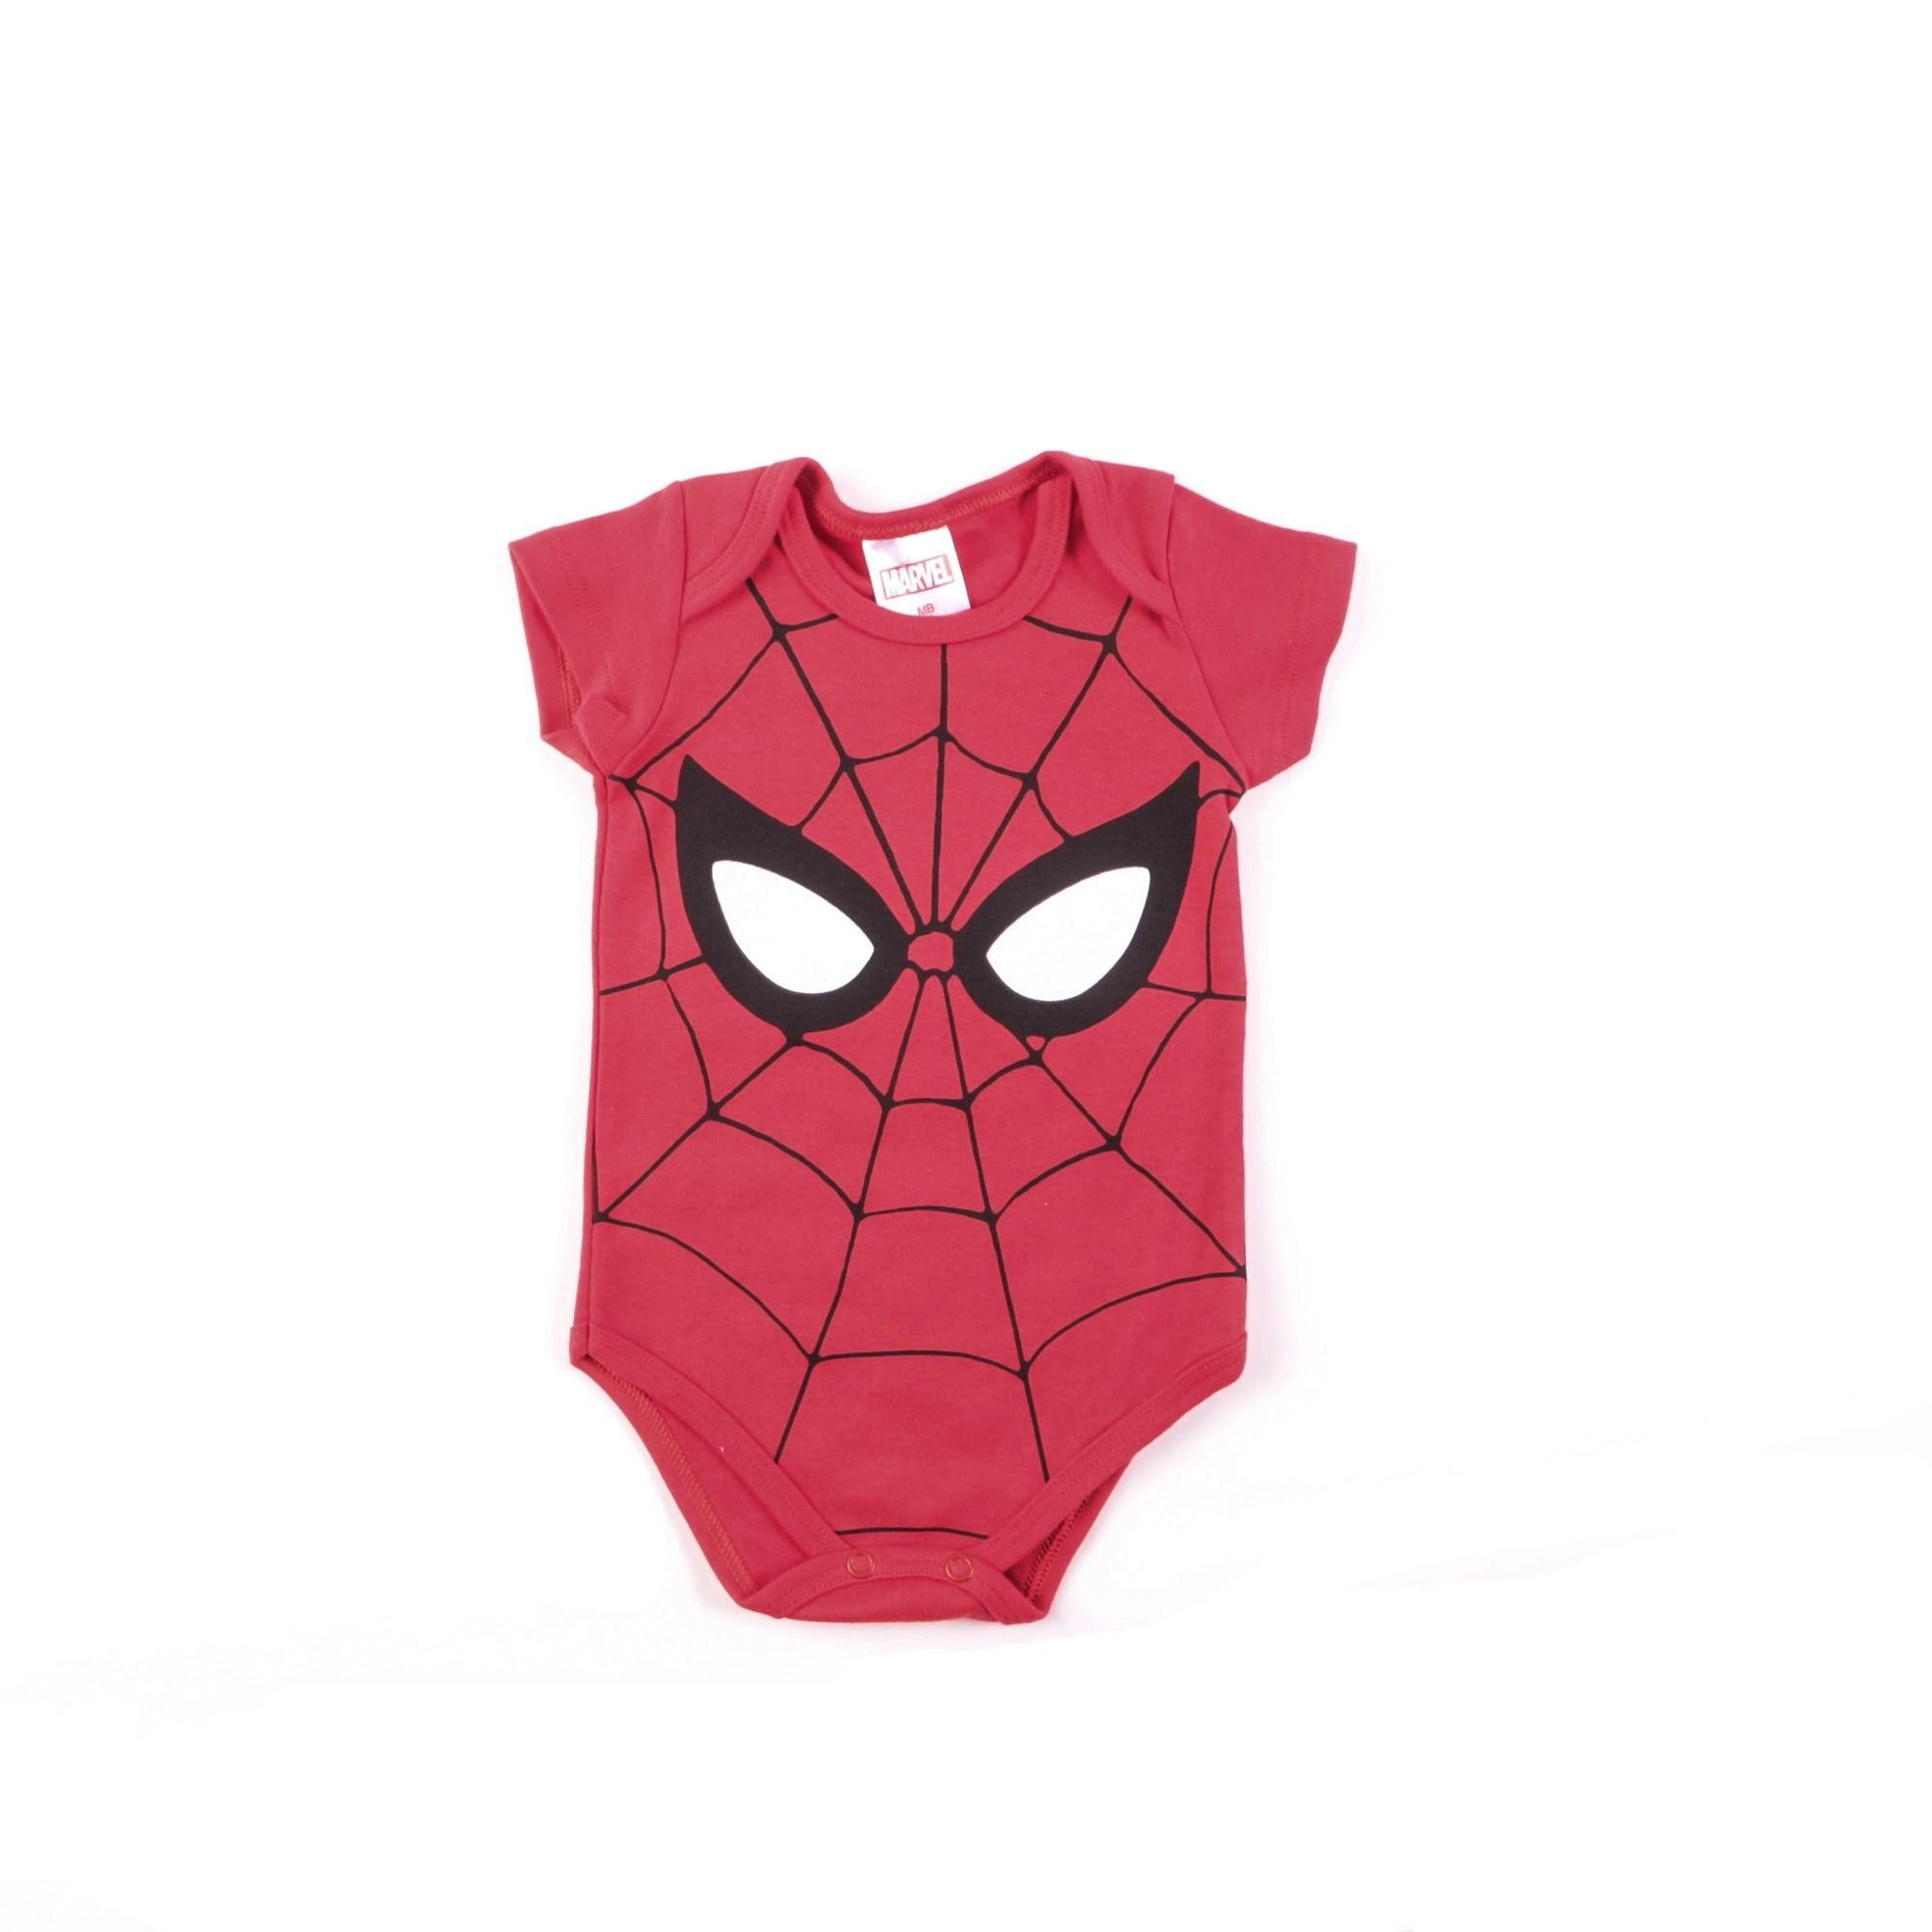 Body Bebê Manga Curta Homem Aranha - Marlan